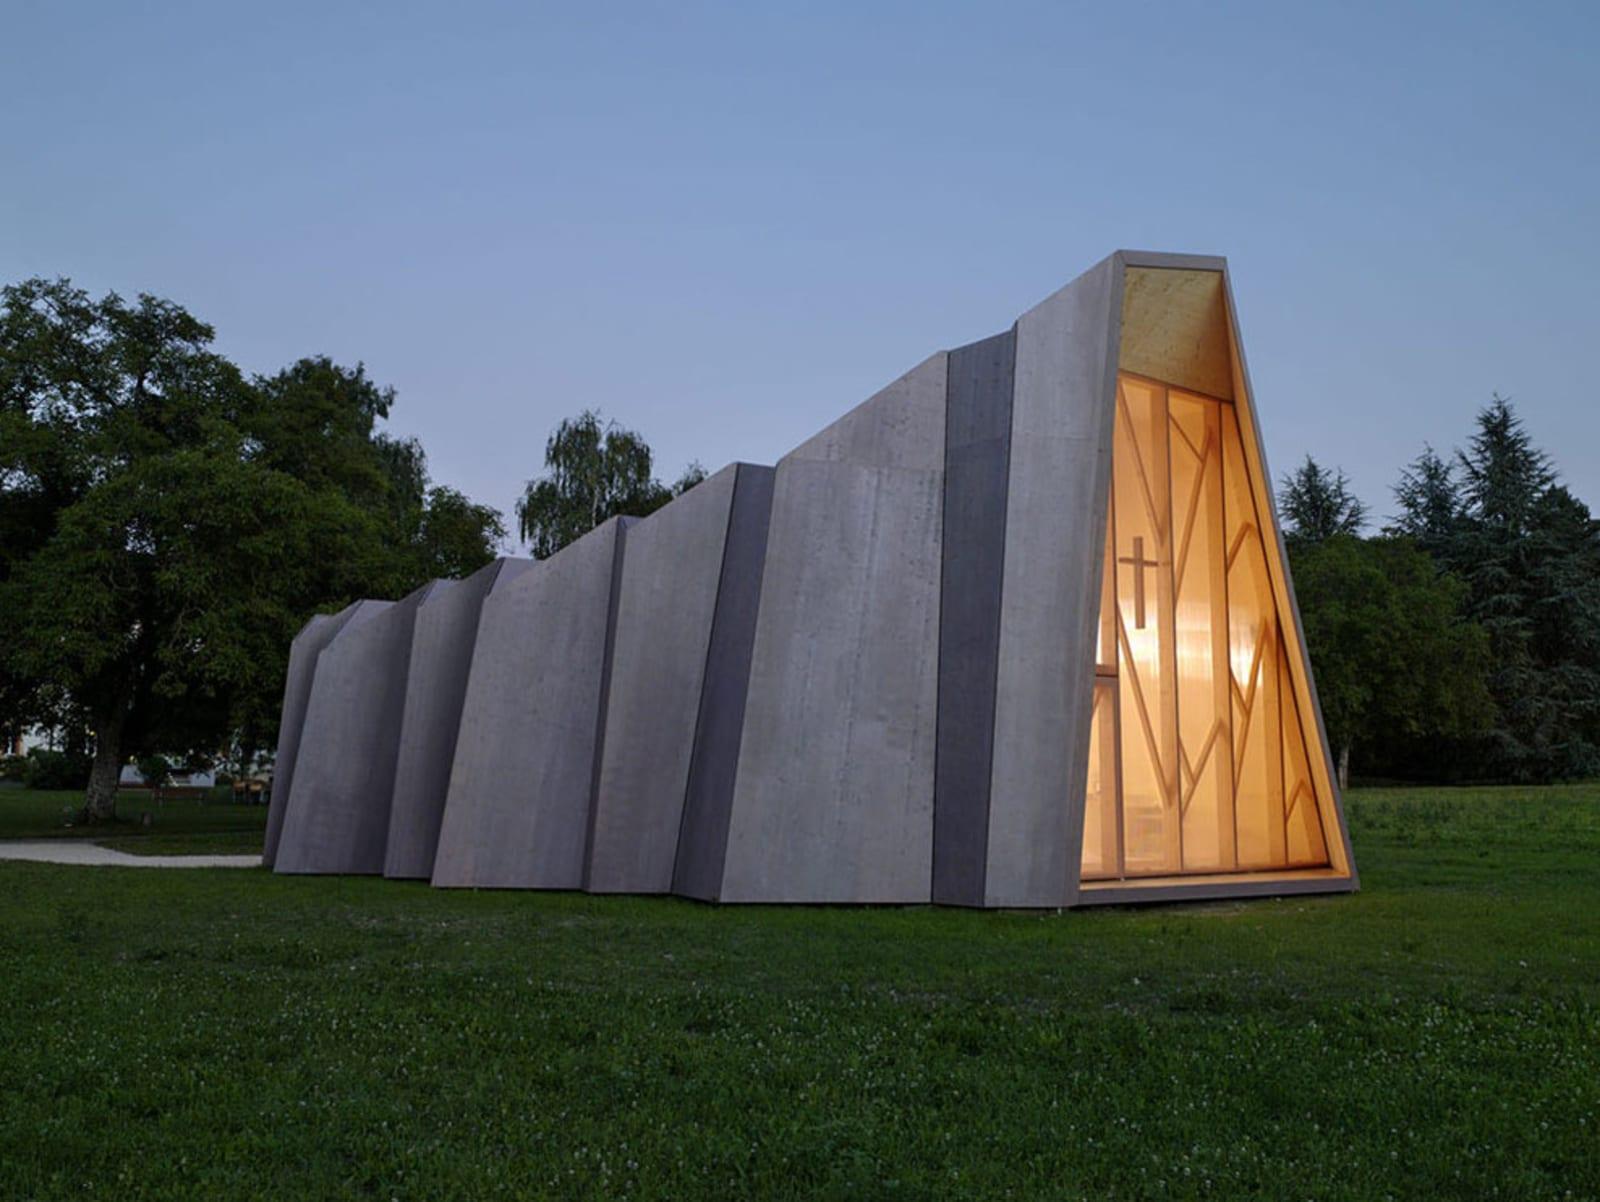 chapelle-origami-localarchitecture-danilo-mondada-st-loup-0